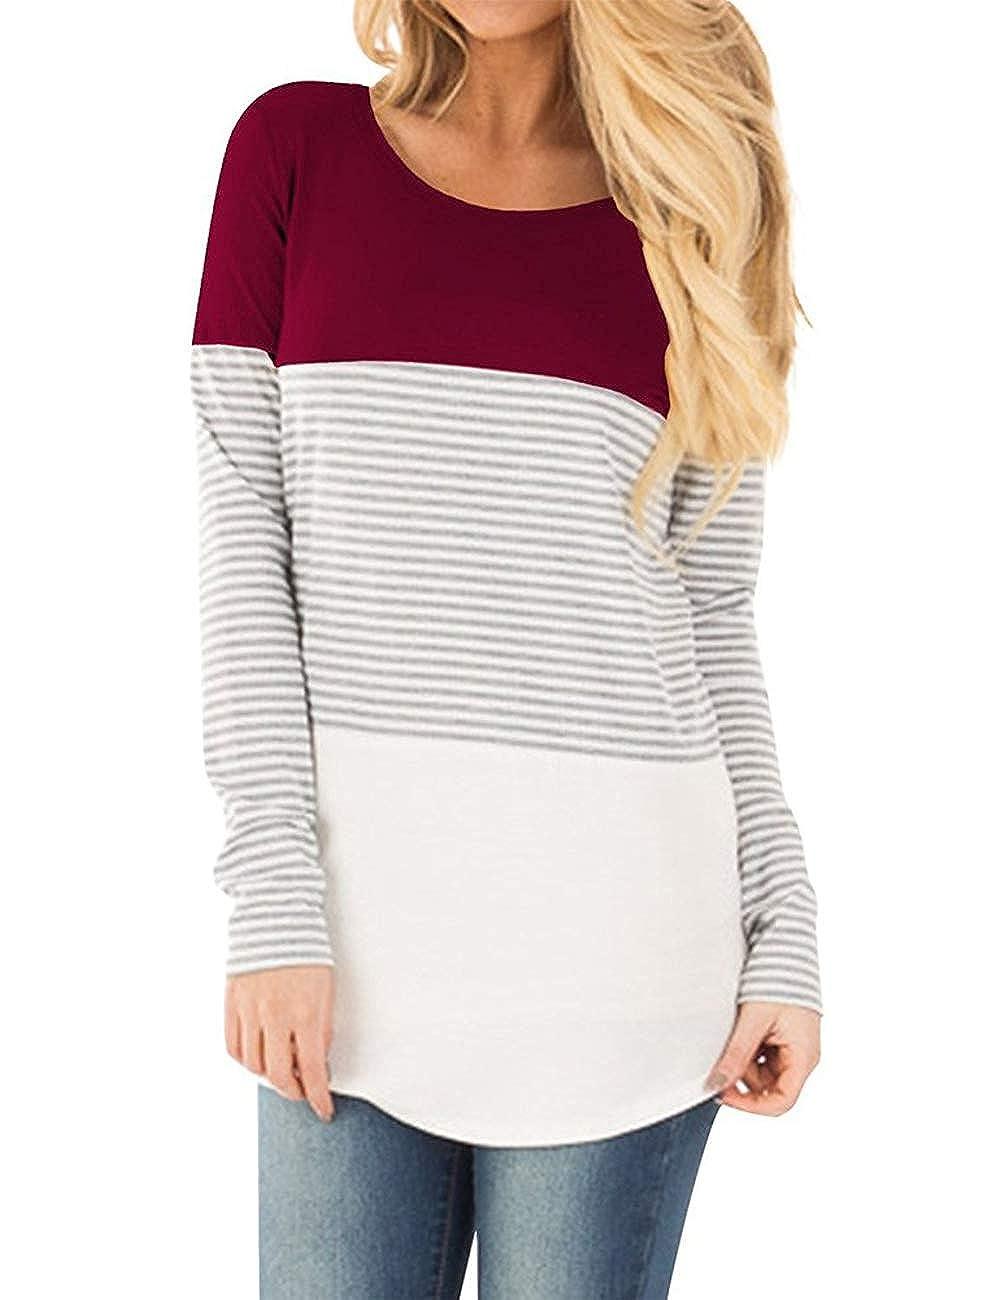 193e26fc8 Zhhlaixing Mamá Camiseta de enfermería Maternidad Lactancia Algodón Tops para  Mujer - Casual Striped Premamá T